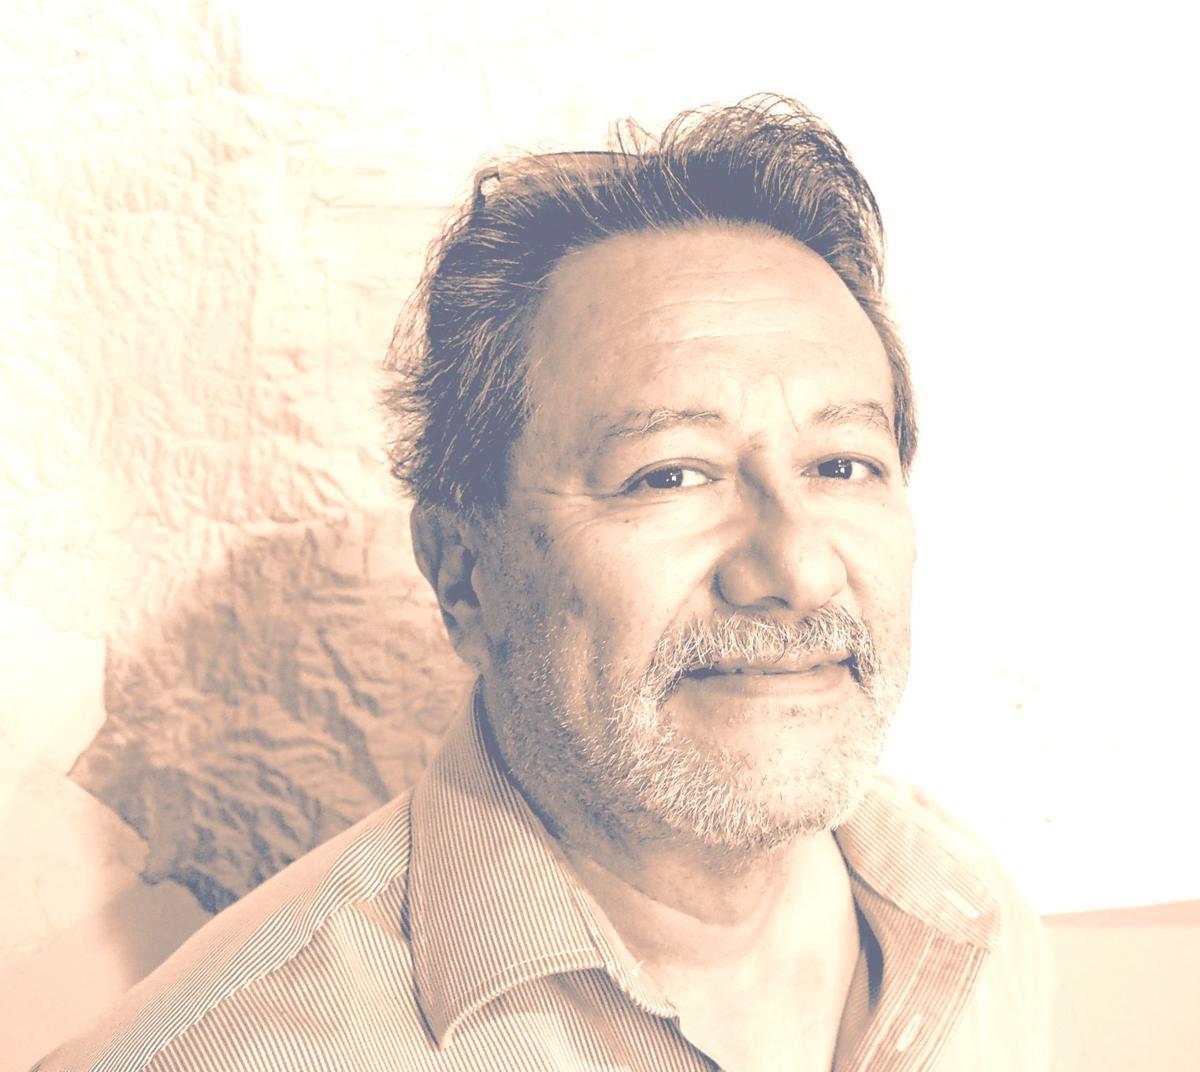 Gil Armendariz